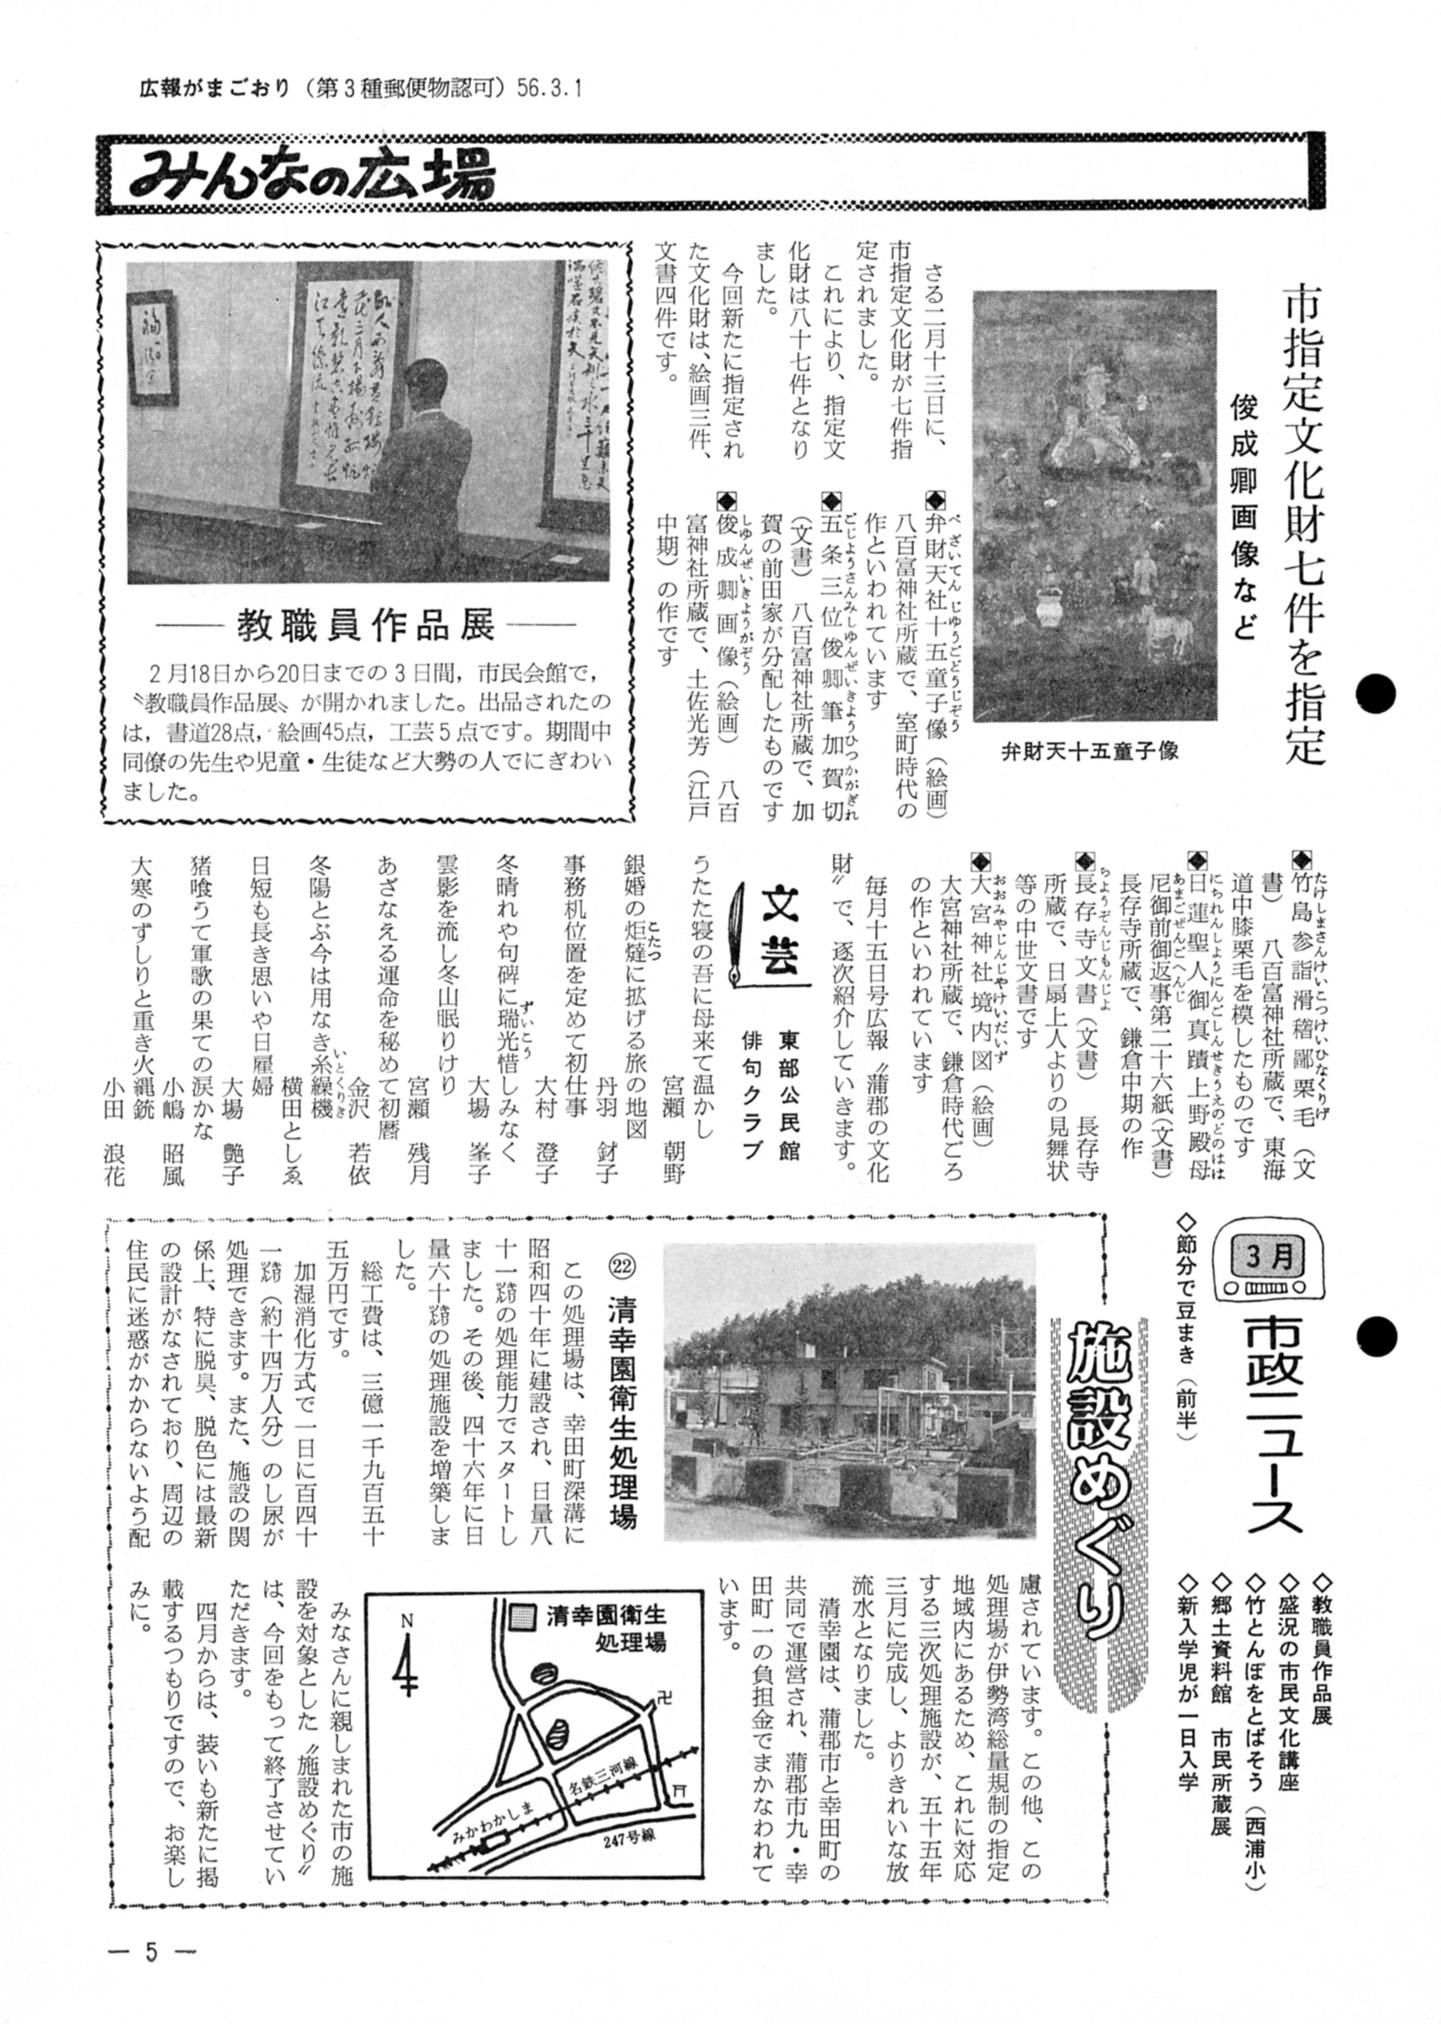 広報がまごおり(昭和56年3月)